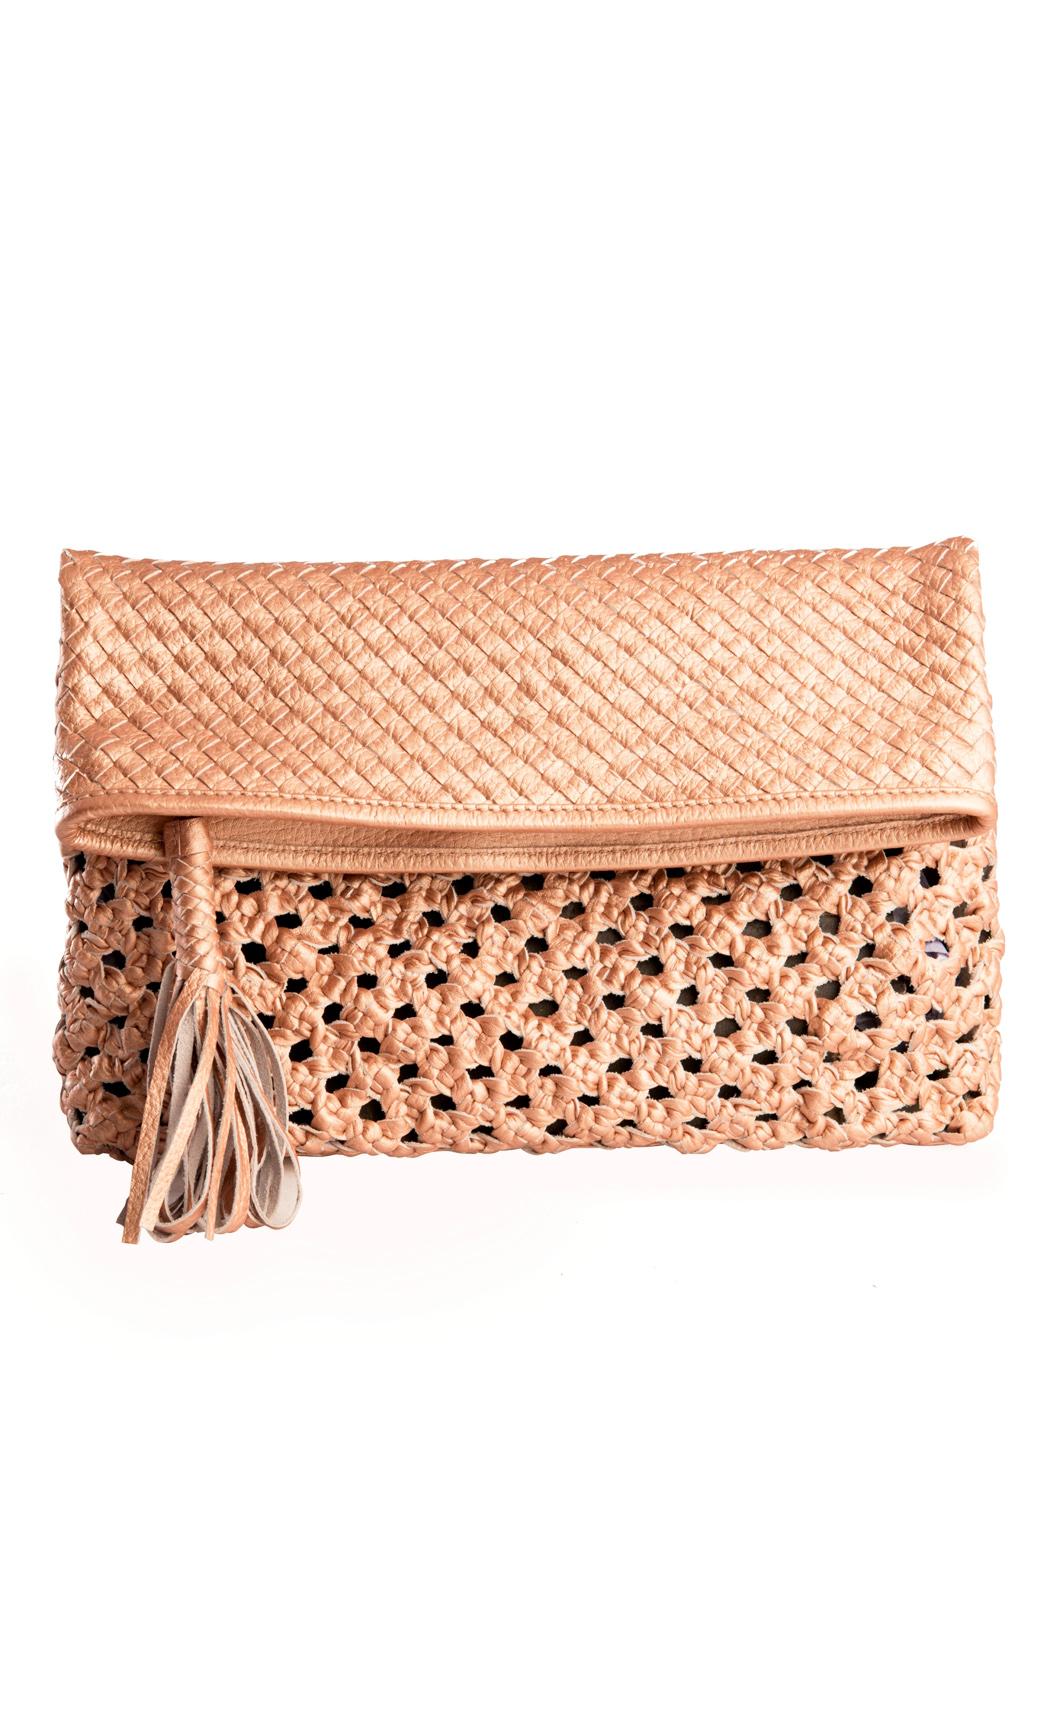 Classic Weave Foldover Clutch in Nude Metallic. Buy Online